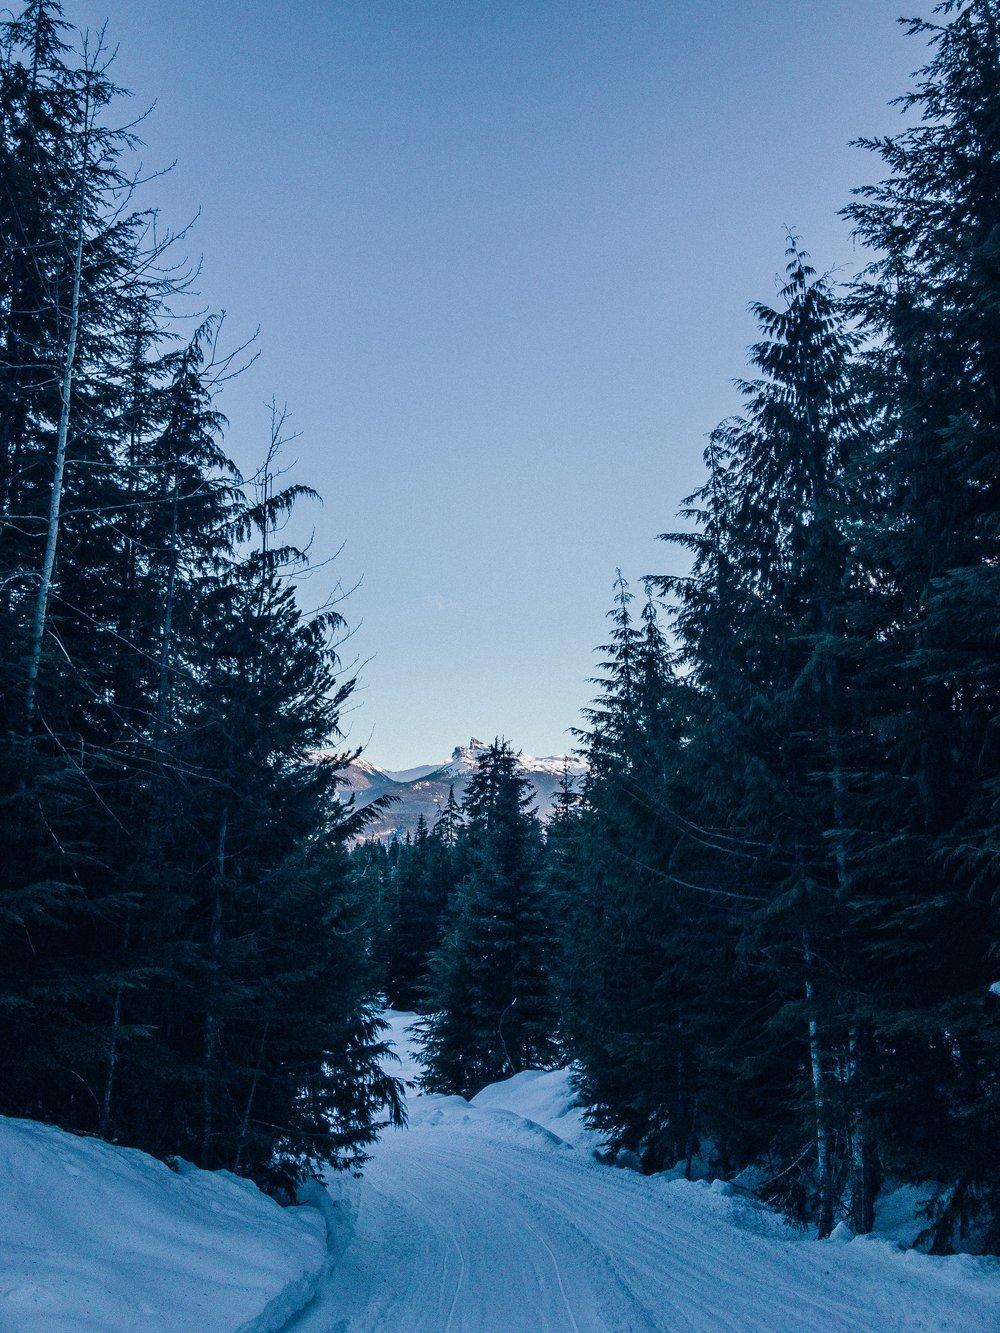 Blacktusk mountain views while snowshoeing